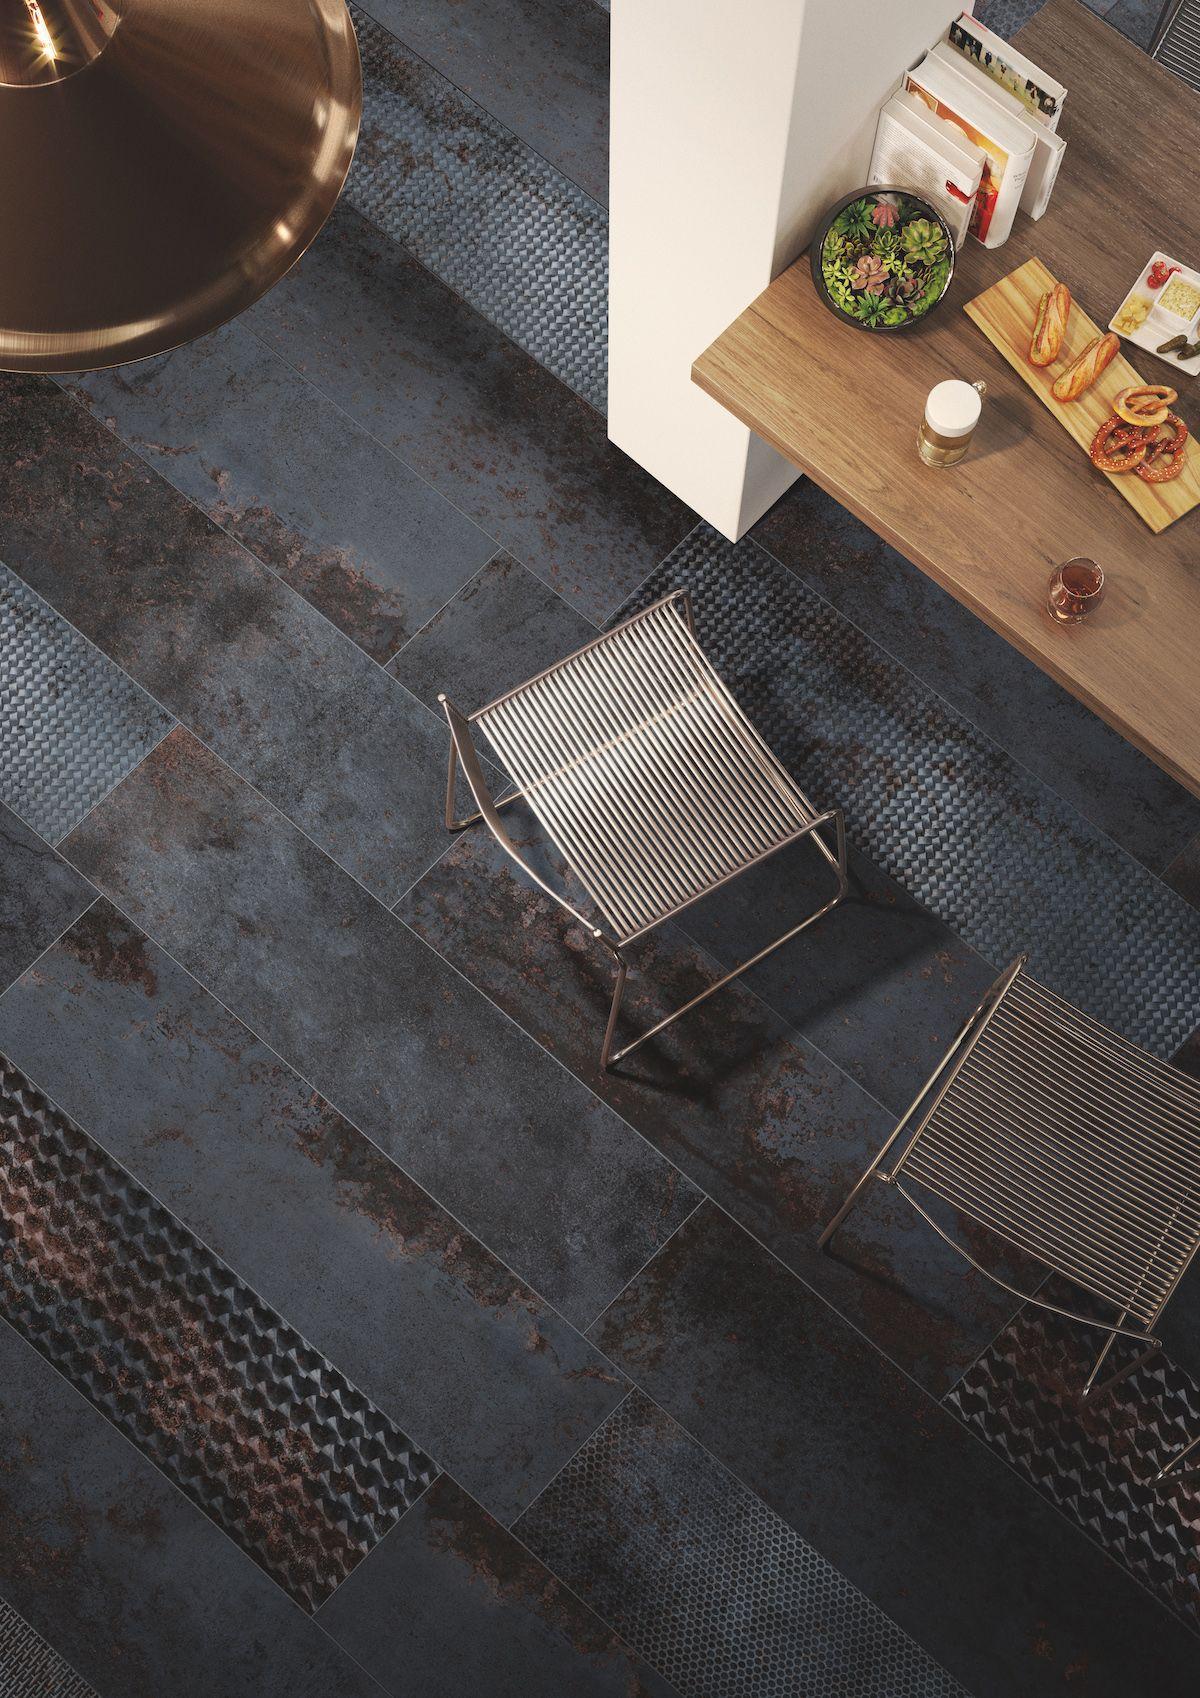 Carrelage Effet Metal Avec Un Format Inhabituel En 30x120 Pour Apporter Du Style A Votre Interieur Comme A Votre Ext Idee Salle De Bain Carrelage Carrelage Sol